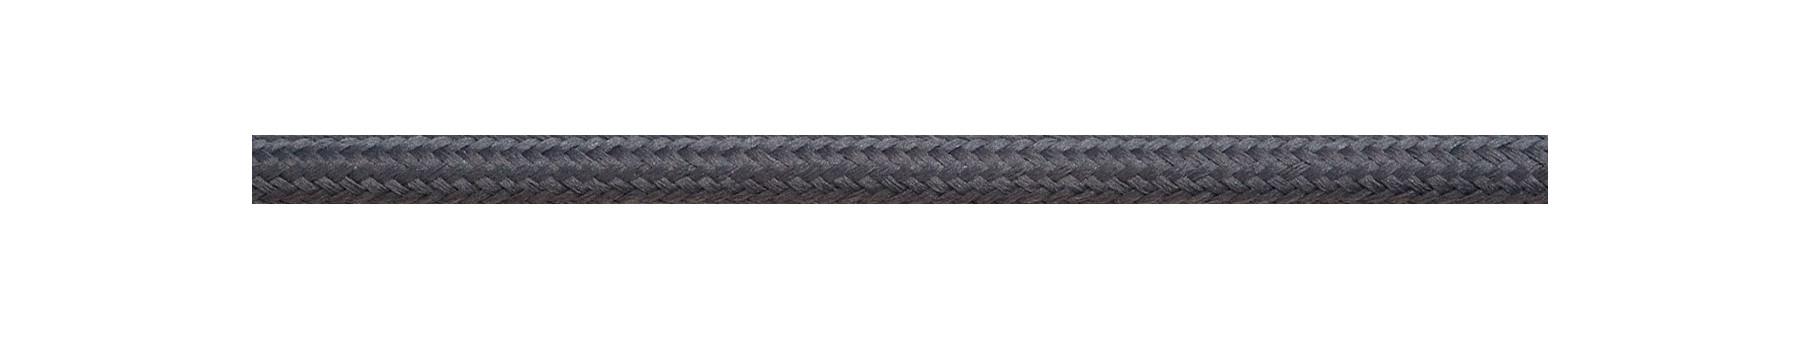 Textile Cable Dark Grey